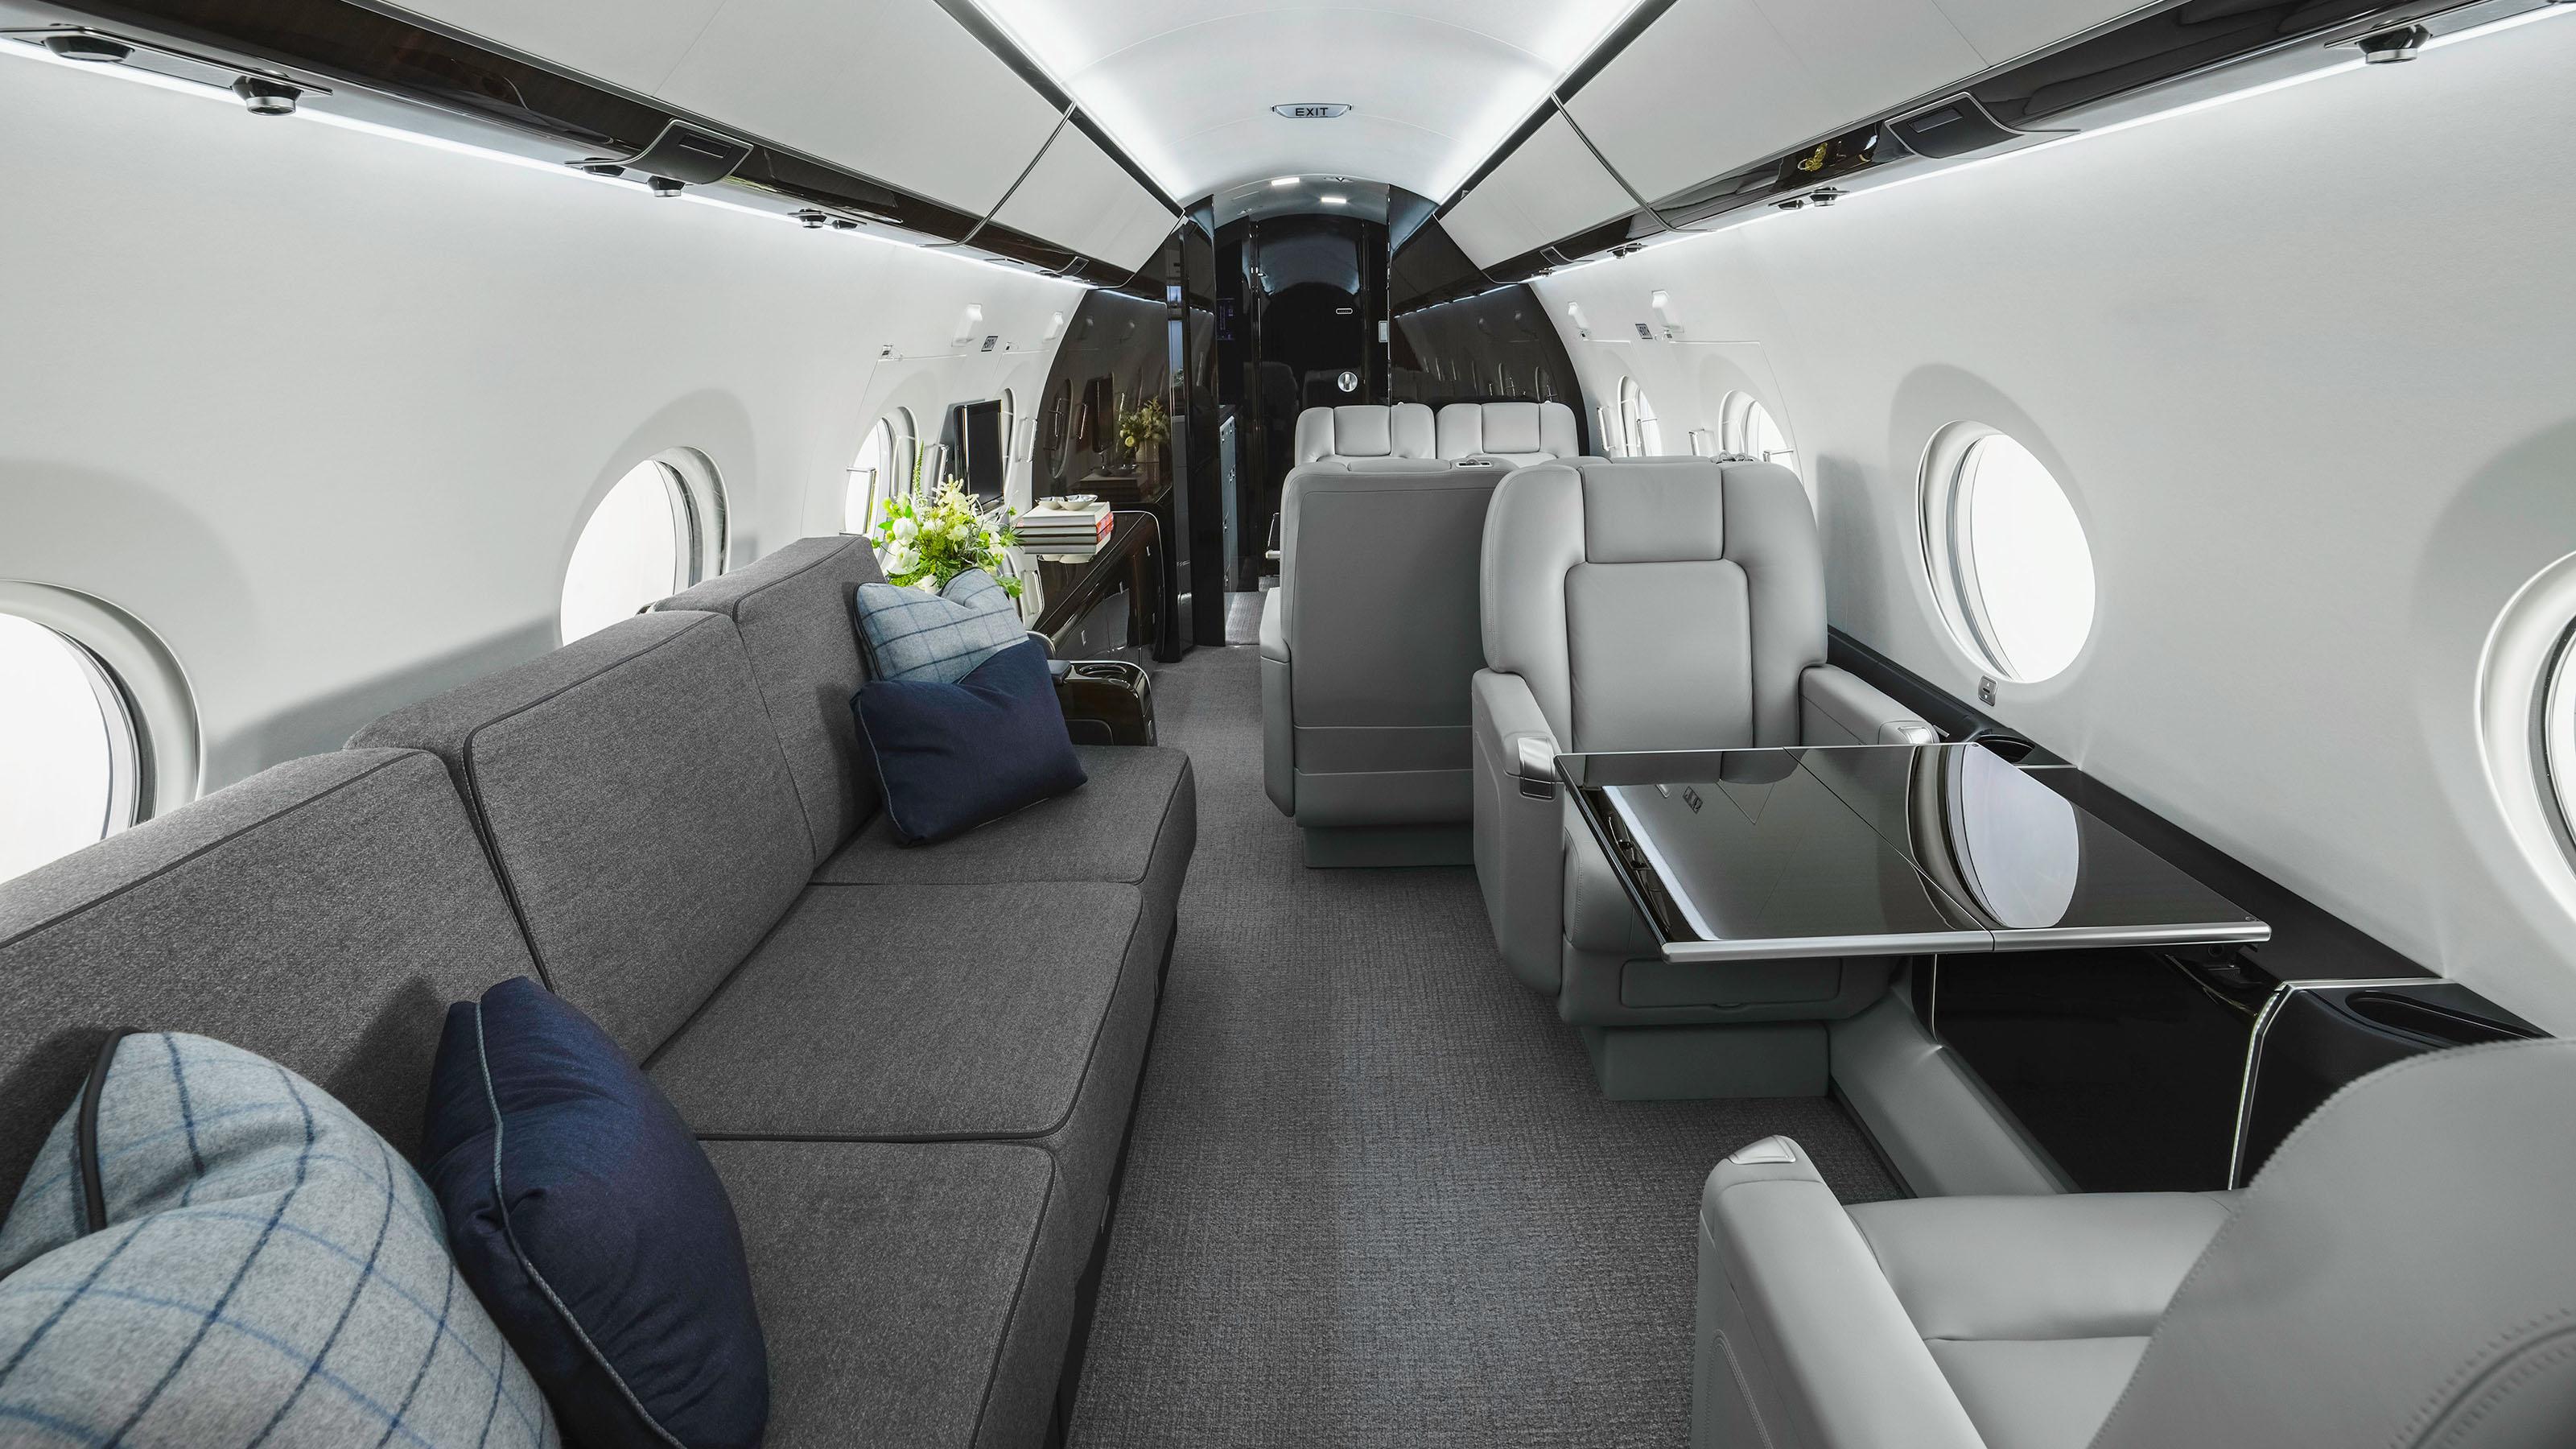 Gulfstream G450 Magellan Jets private aviation charter